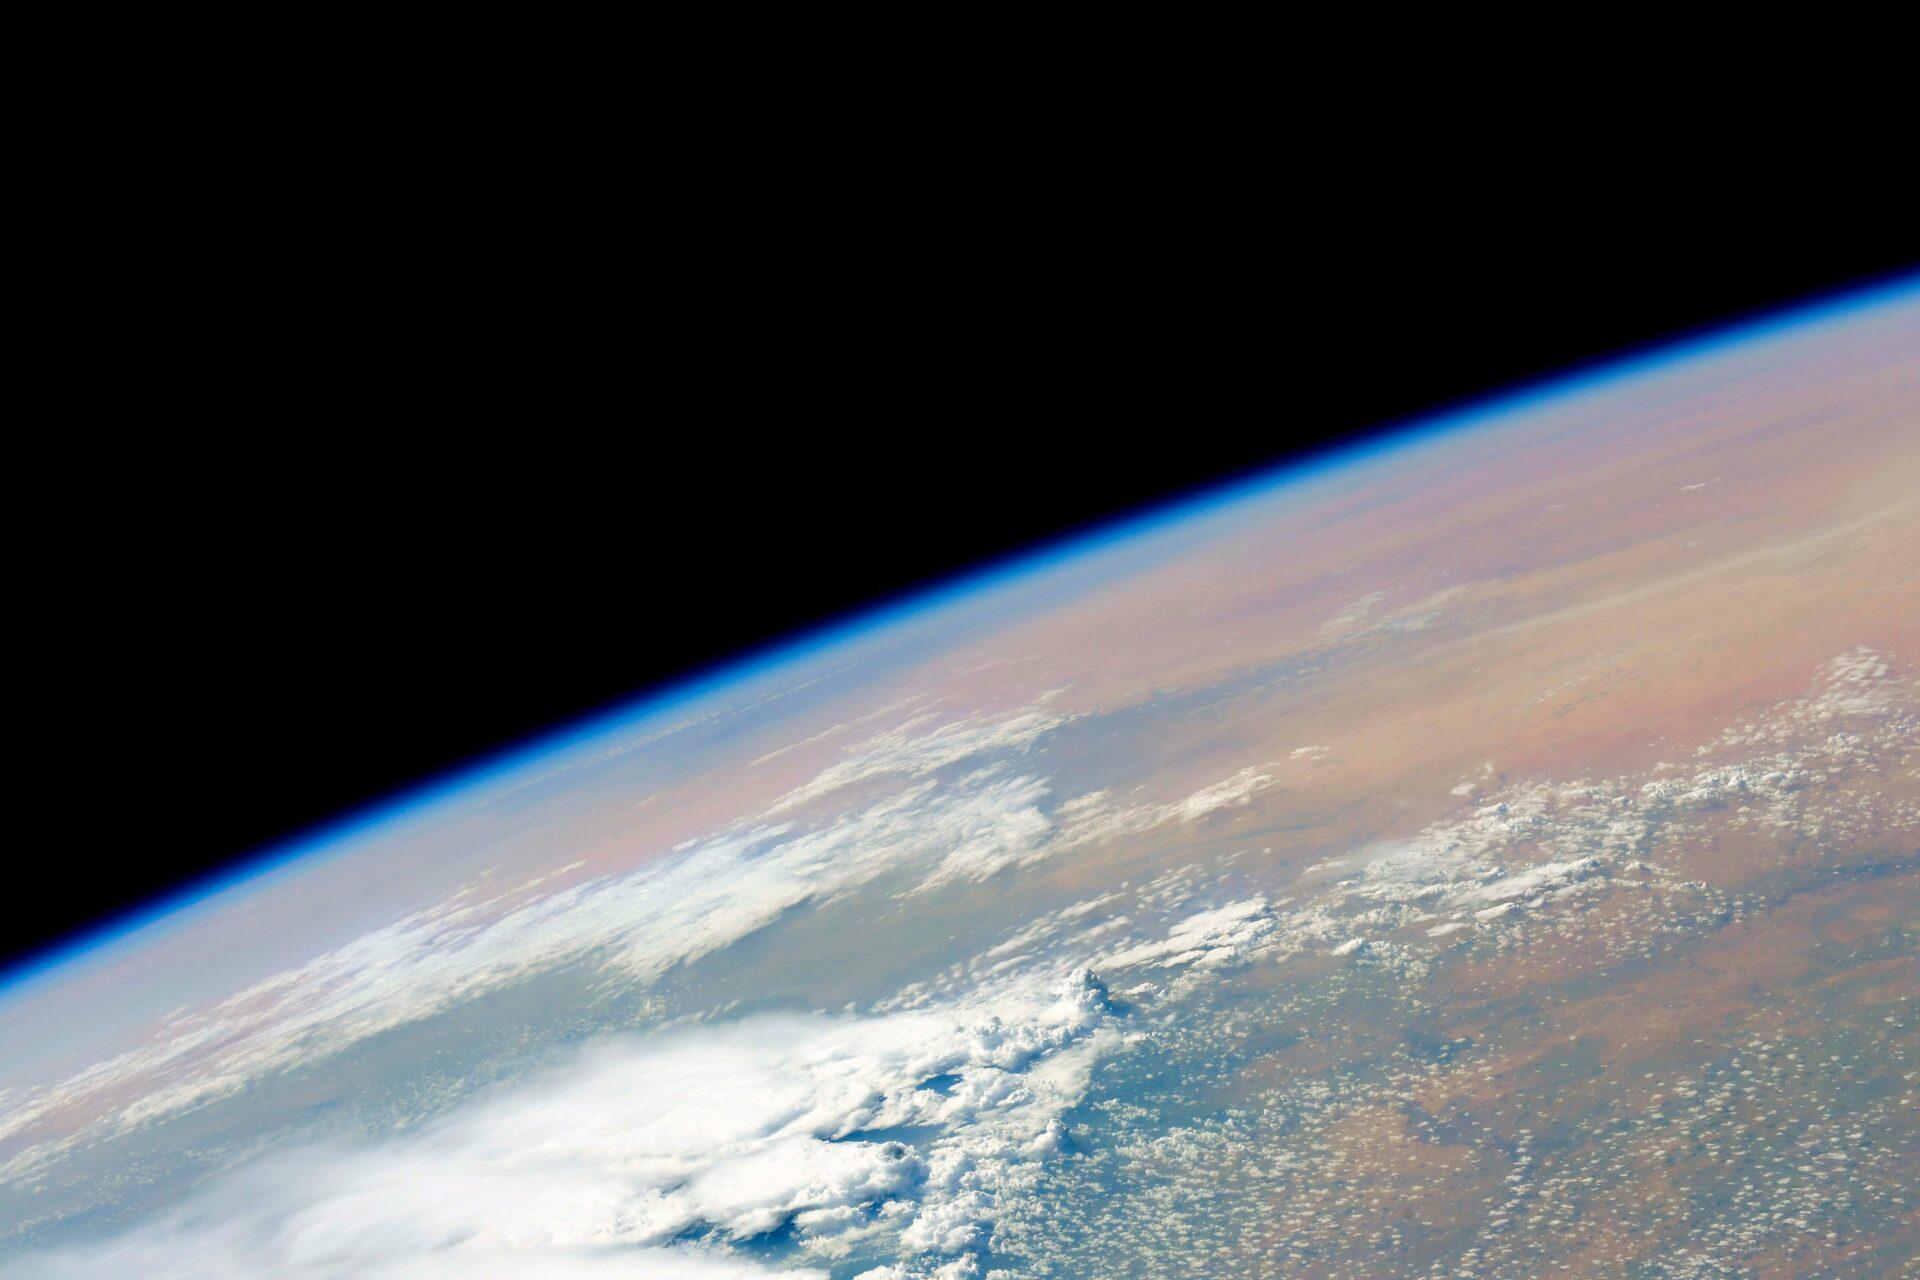 Космонавт из России Новицкий показал снимки Земли из иллюминатора нового модуля «Наука»